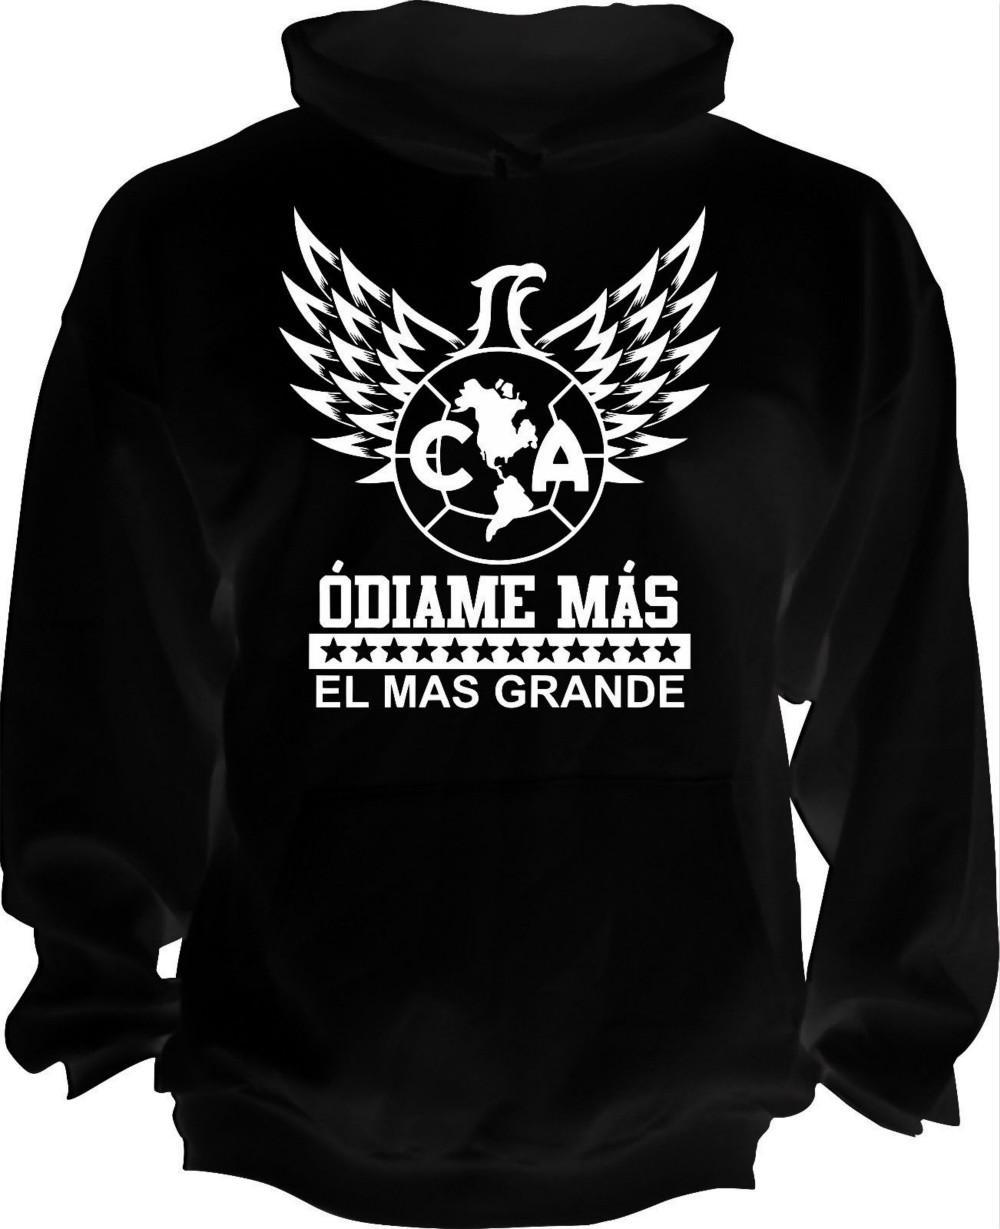 04cbe6741c1 2019 Club America Mexico Aguilas Camiseta Hoodie Odiame Mas El Mas Grande  Handmade From Tigerball, $18.28 | DHgate.Com